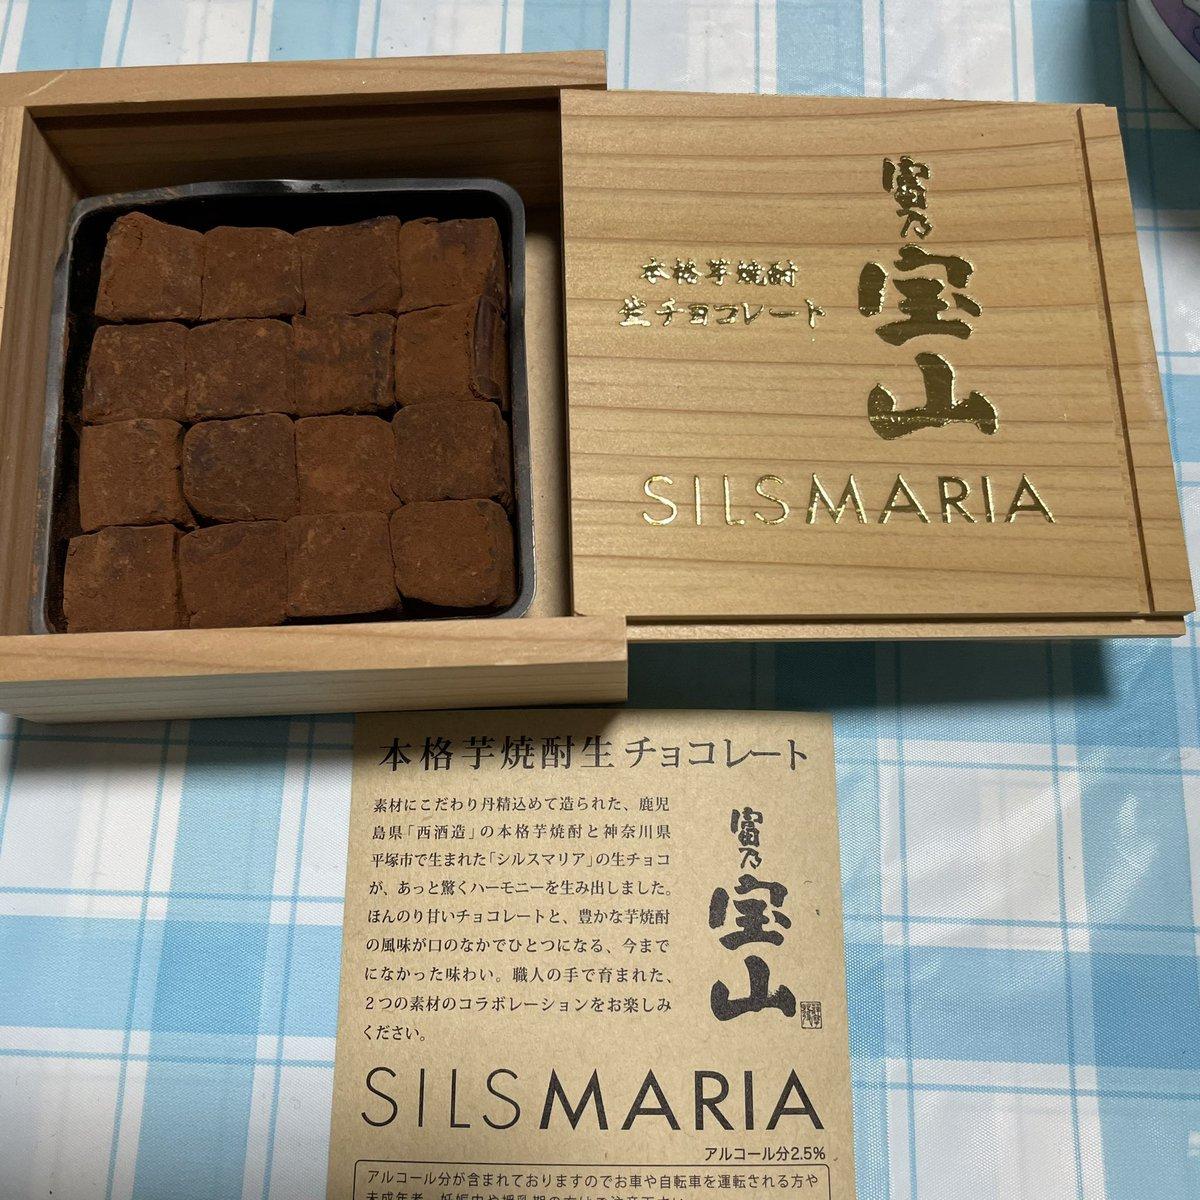 test ツイッターメディア - #チョコレート #chocolates #chocolate #ロイズ #北海道 #富乃宝山 #焼酎 #JAPAN #gourmet  美味しい生チョコ2つご紹介👏 大人好みの味わい✨焼酎臭さは一切なく、甘味と苦味、アルコールのフルーティーな爽やかさが後を引く味😝  ロイズの生チョコは一度食べたら止まりません🤚 https://t.co/pokms25yiF